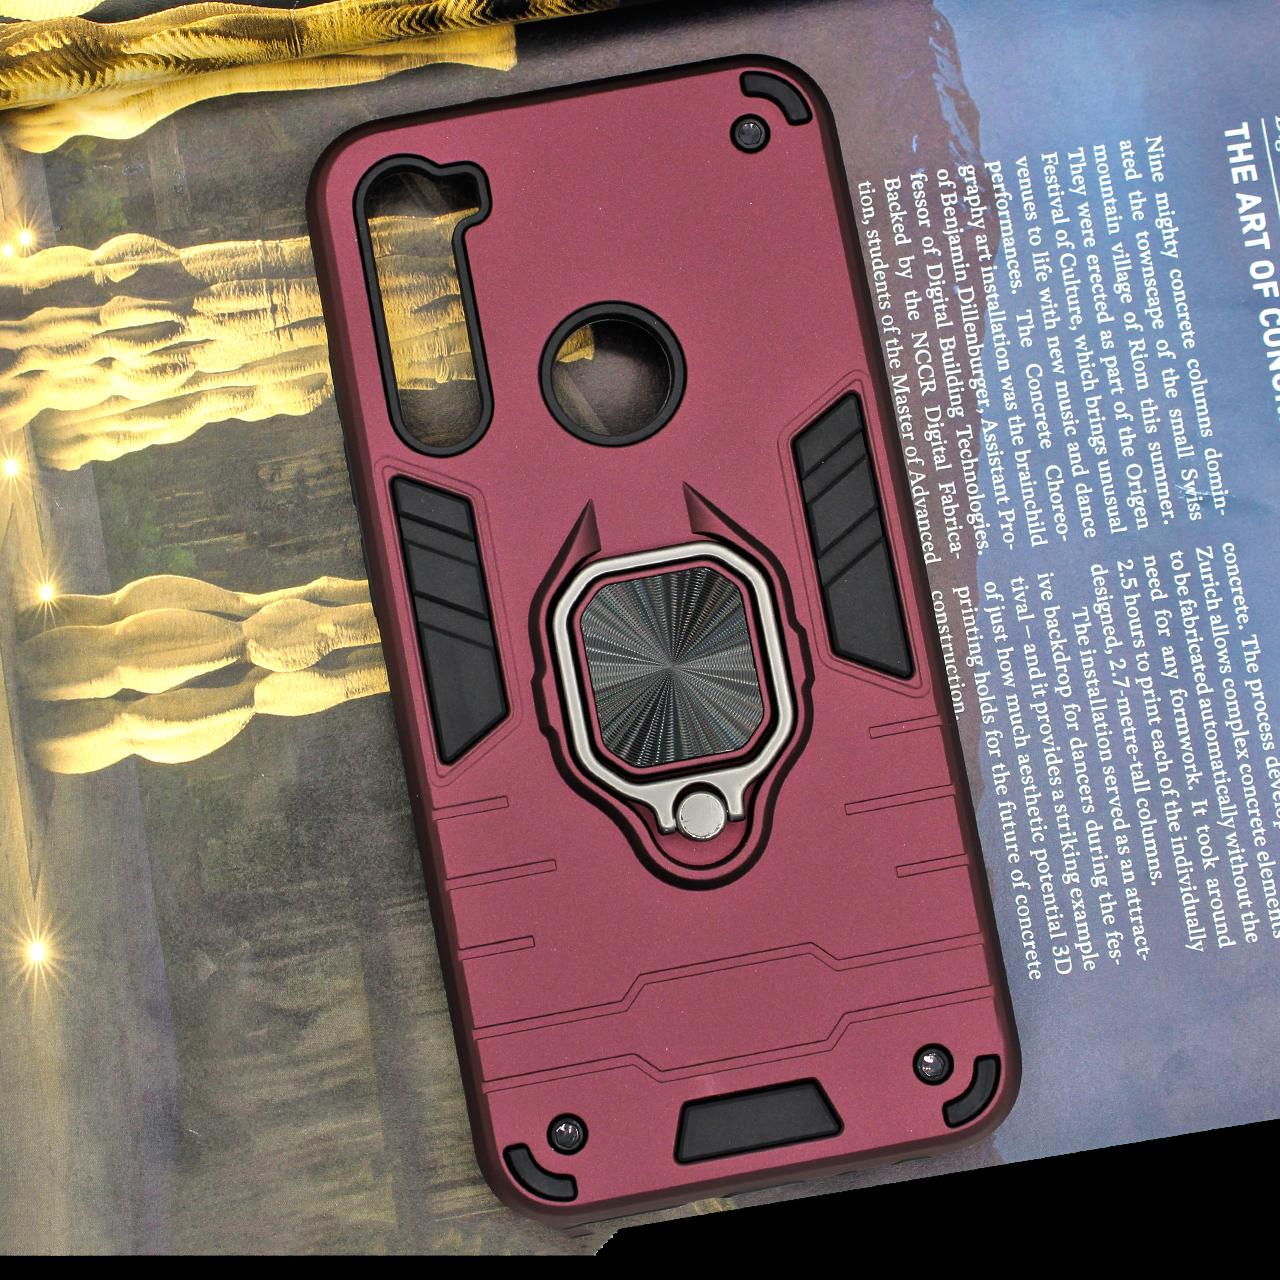 کاور کینگ پاور مدل ASH22 مناسب برای گوشی موبایل شیائومی Redmi Note 8 main 1 10